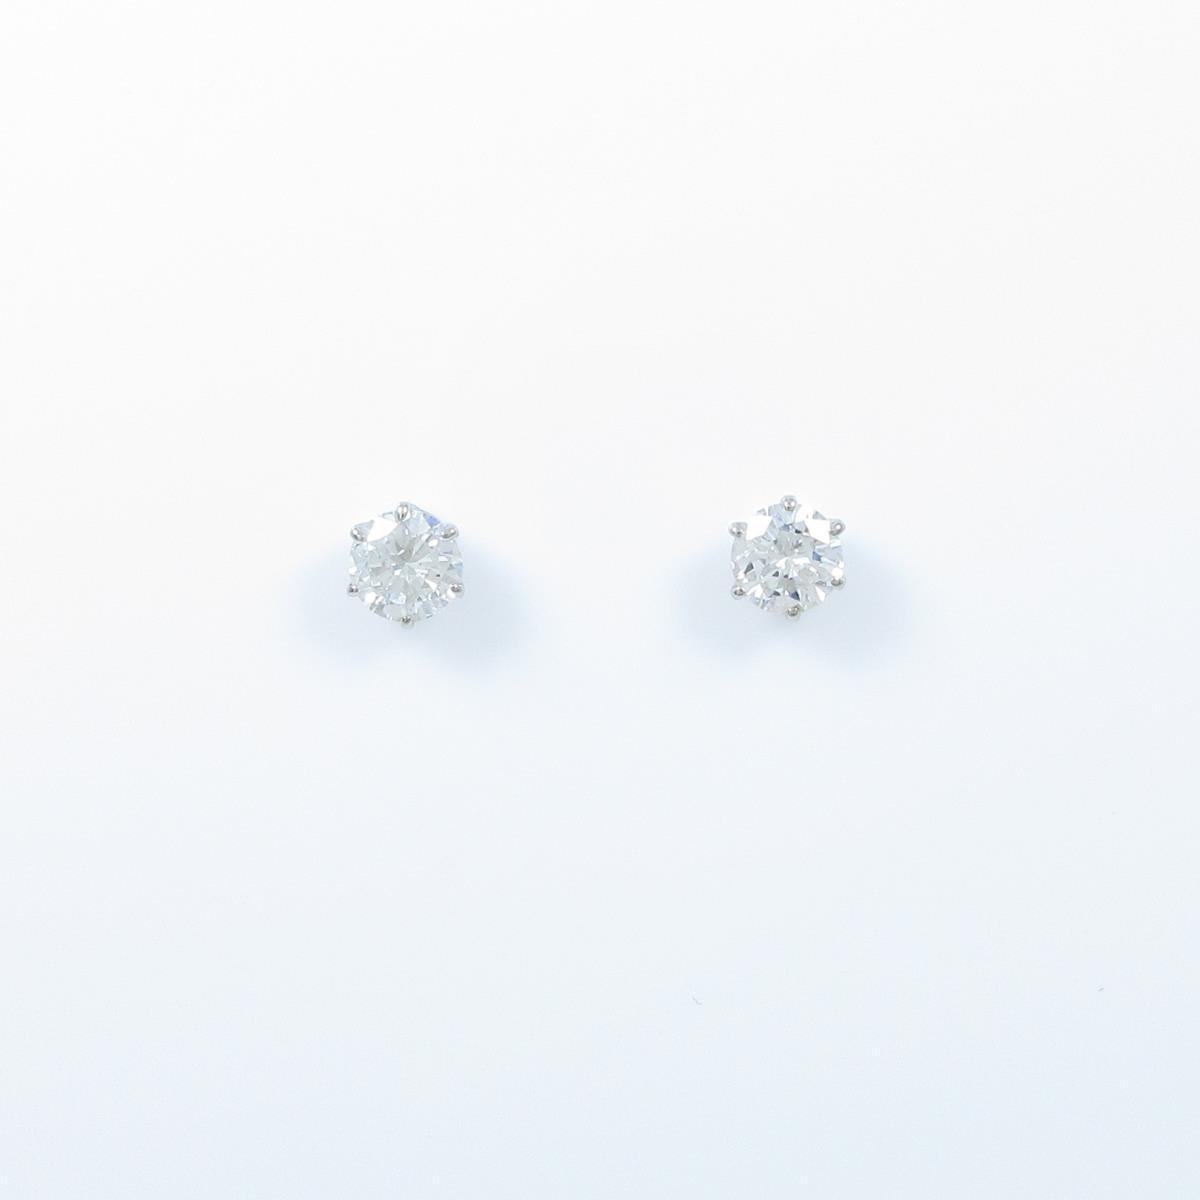 プラチナダイヤモンドピアス 0.331ct・0.336ct・F-G・SI2・GOOD【中古】